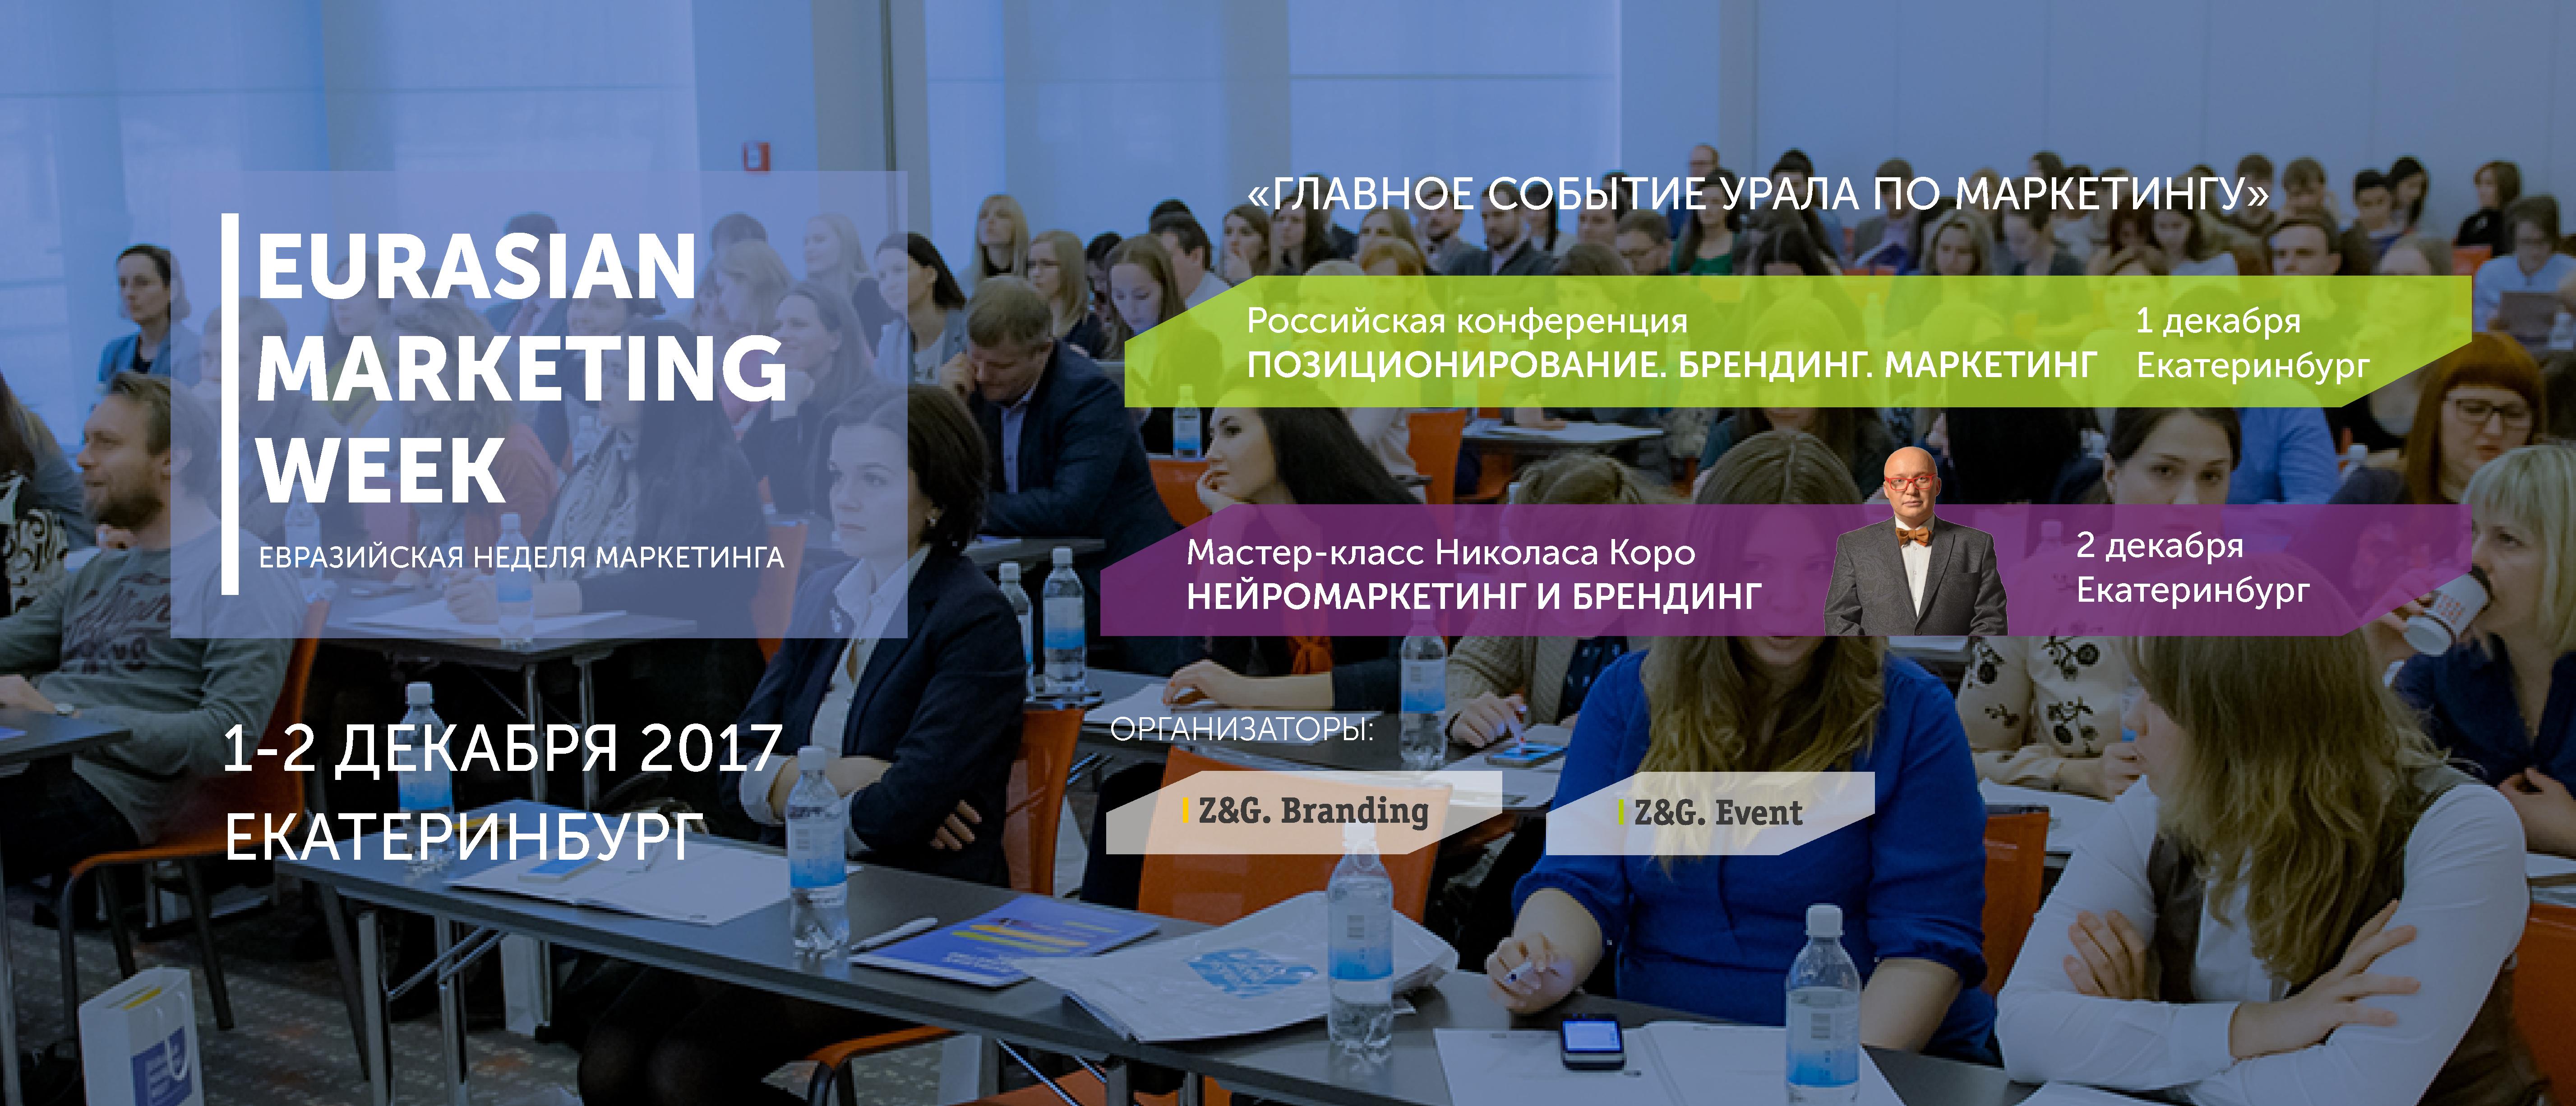 Евразийская Неделя Маркетинга. Москва-Екатеринбург. 1-4 декабря